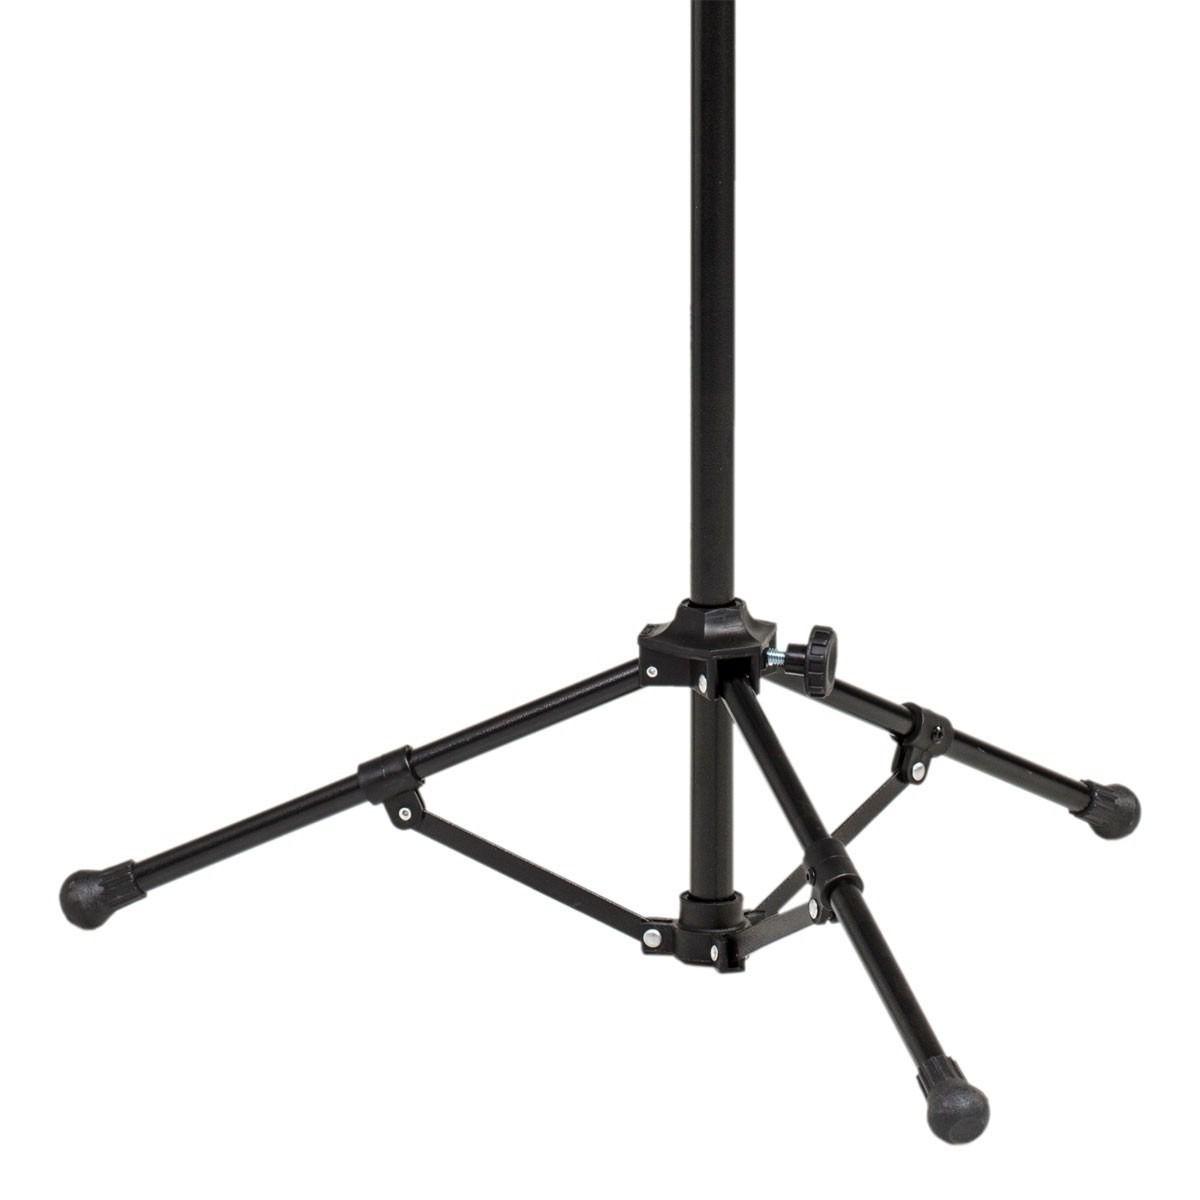 Kit com 03 Pedestais com Cachimbos para 01 Microfone - Vector  - Loja Portal